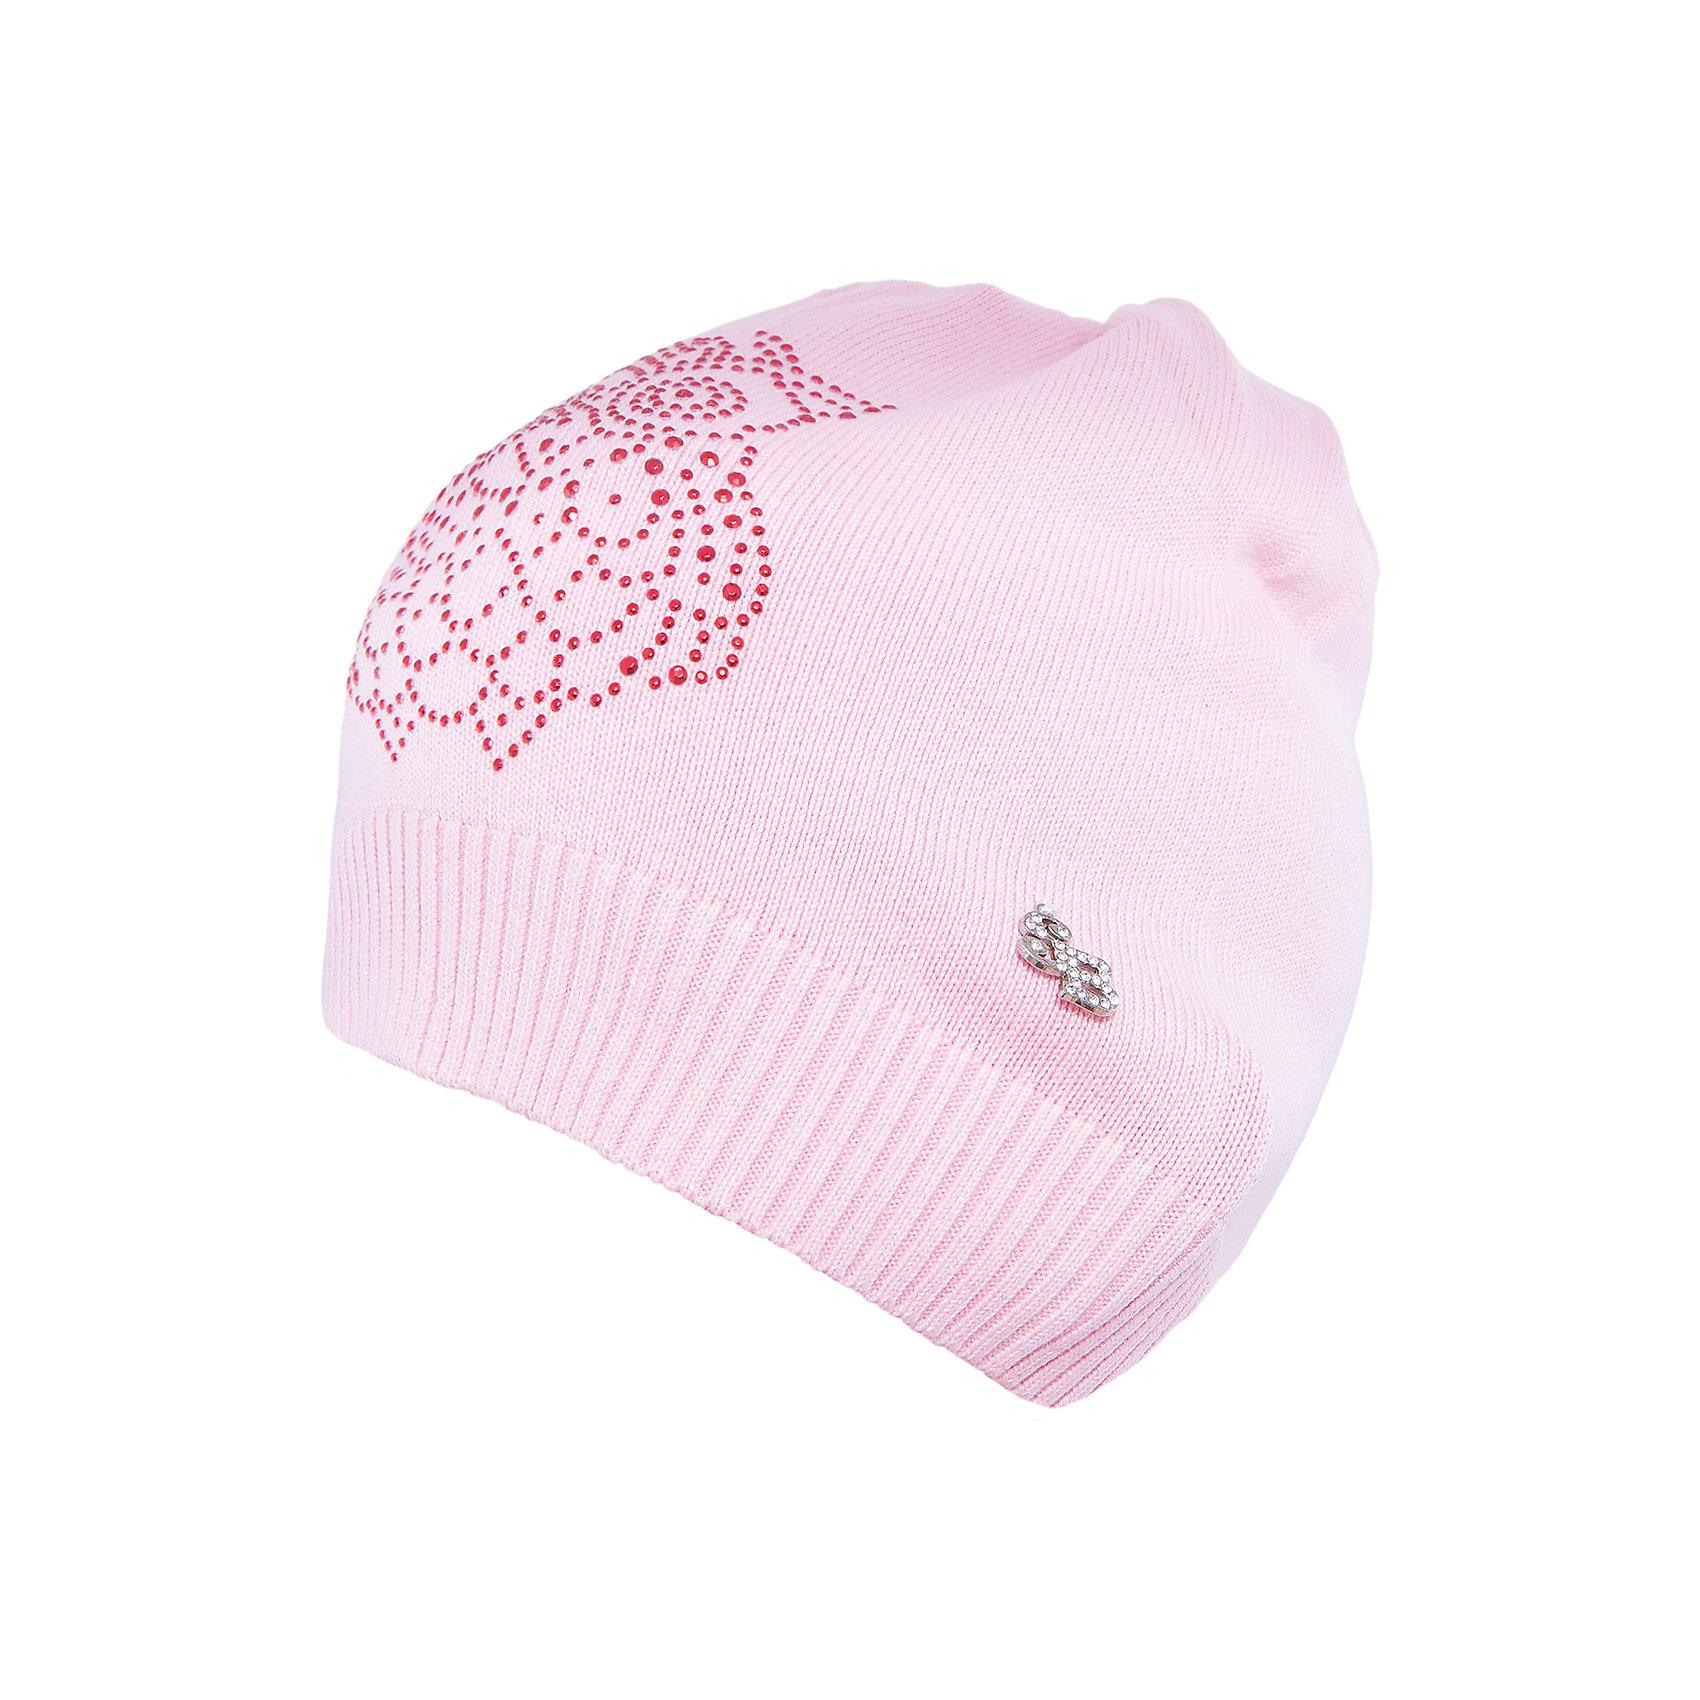 Шапка для девочки Sweet BerryТакая шапка для девочки отличается модным дизайном: узор из страз добавляет изделию оригинальности. Удачный крой обеспечит ребенку комфорт и тепло. Край изделия обработан мягкой резинкой, поэтому вещь плотно прилегает к голове. Украшена шапка симпатичной подвеской.<br>Одежда от бренда Sweet Berry - это простой и выгодный способ одеть ребенка удобно и стильно. Всё изделия тщательно проработаны: швы - прочные, материал - качественный, фурнитура - подобранная специально для детей. <br><br>Дополнительная информация:<br><br>цвет: розовый;<br>материал: 60% хлопок, 40% акрил;<br>украшена стразами и подвеской.<br><br>Шапку для девочки от бренда Sweet Berry можно купить в нашем интернет-магазине.<br><br>Ширина мм: 89<br>Глубина мм: 117<br>Высота мм: 44<br>Вес г: 155<br>Цвет: розовый<br>Возраст от месяцев: 48<br>Возраст до месяцев: 60<br>Пол: Женский<br>Возраст: Детский<br>Размер: 54,50,52<br>SKU: 4931672